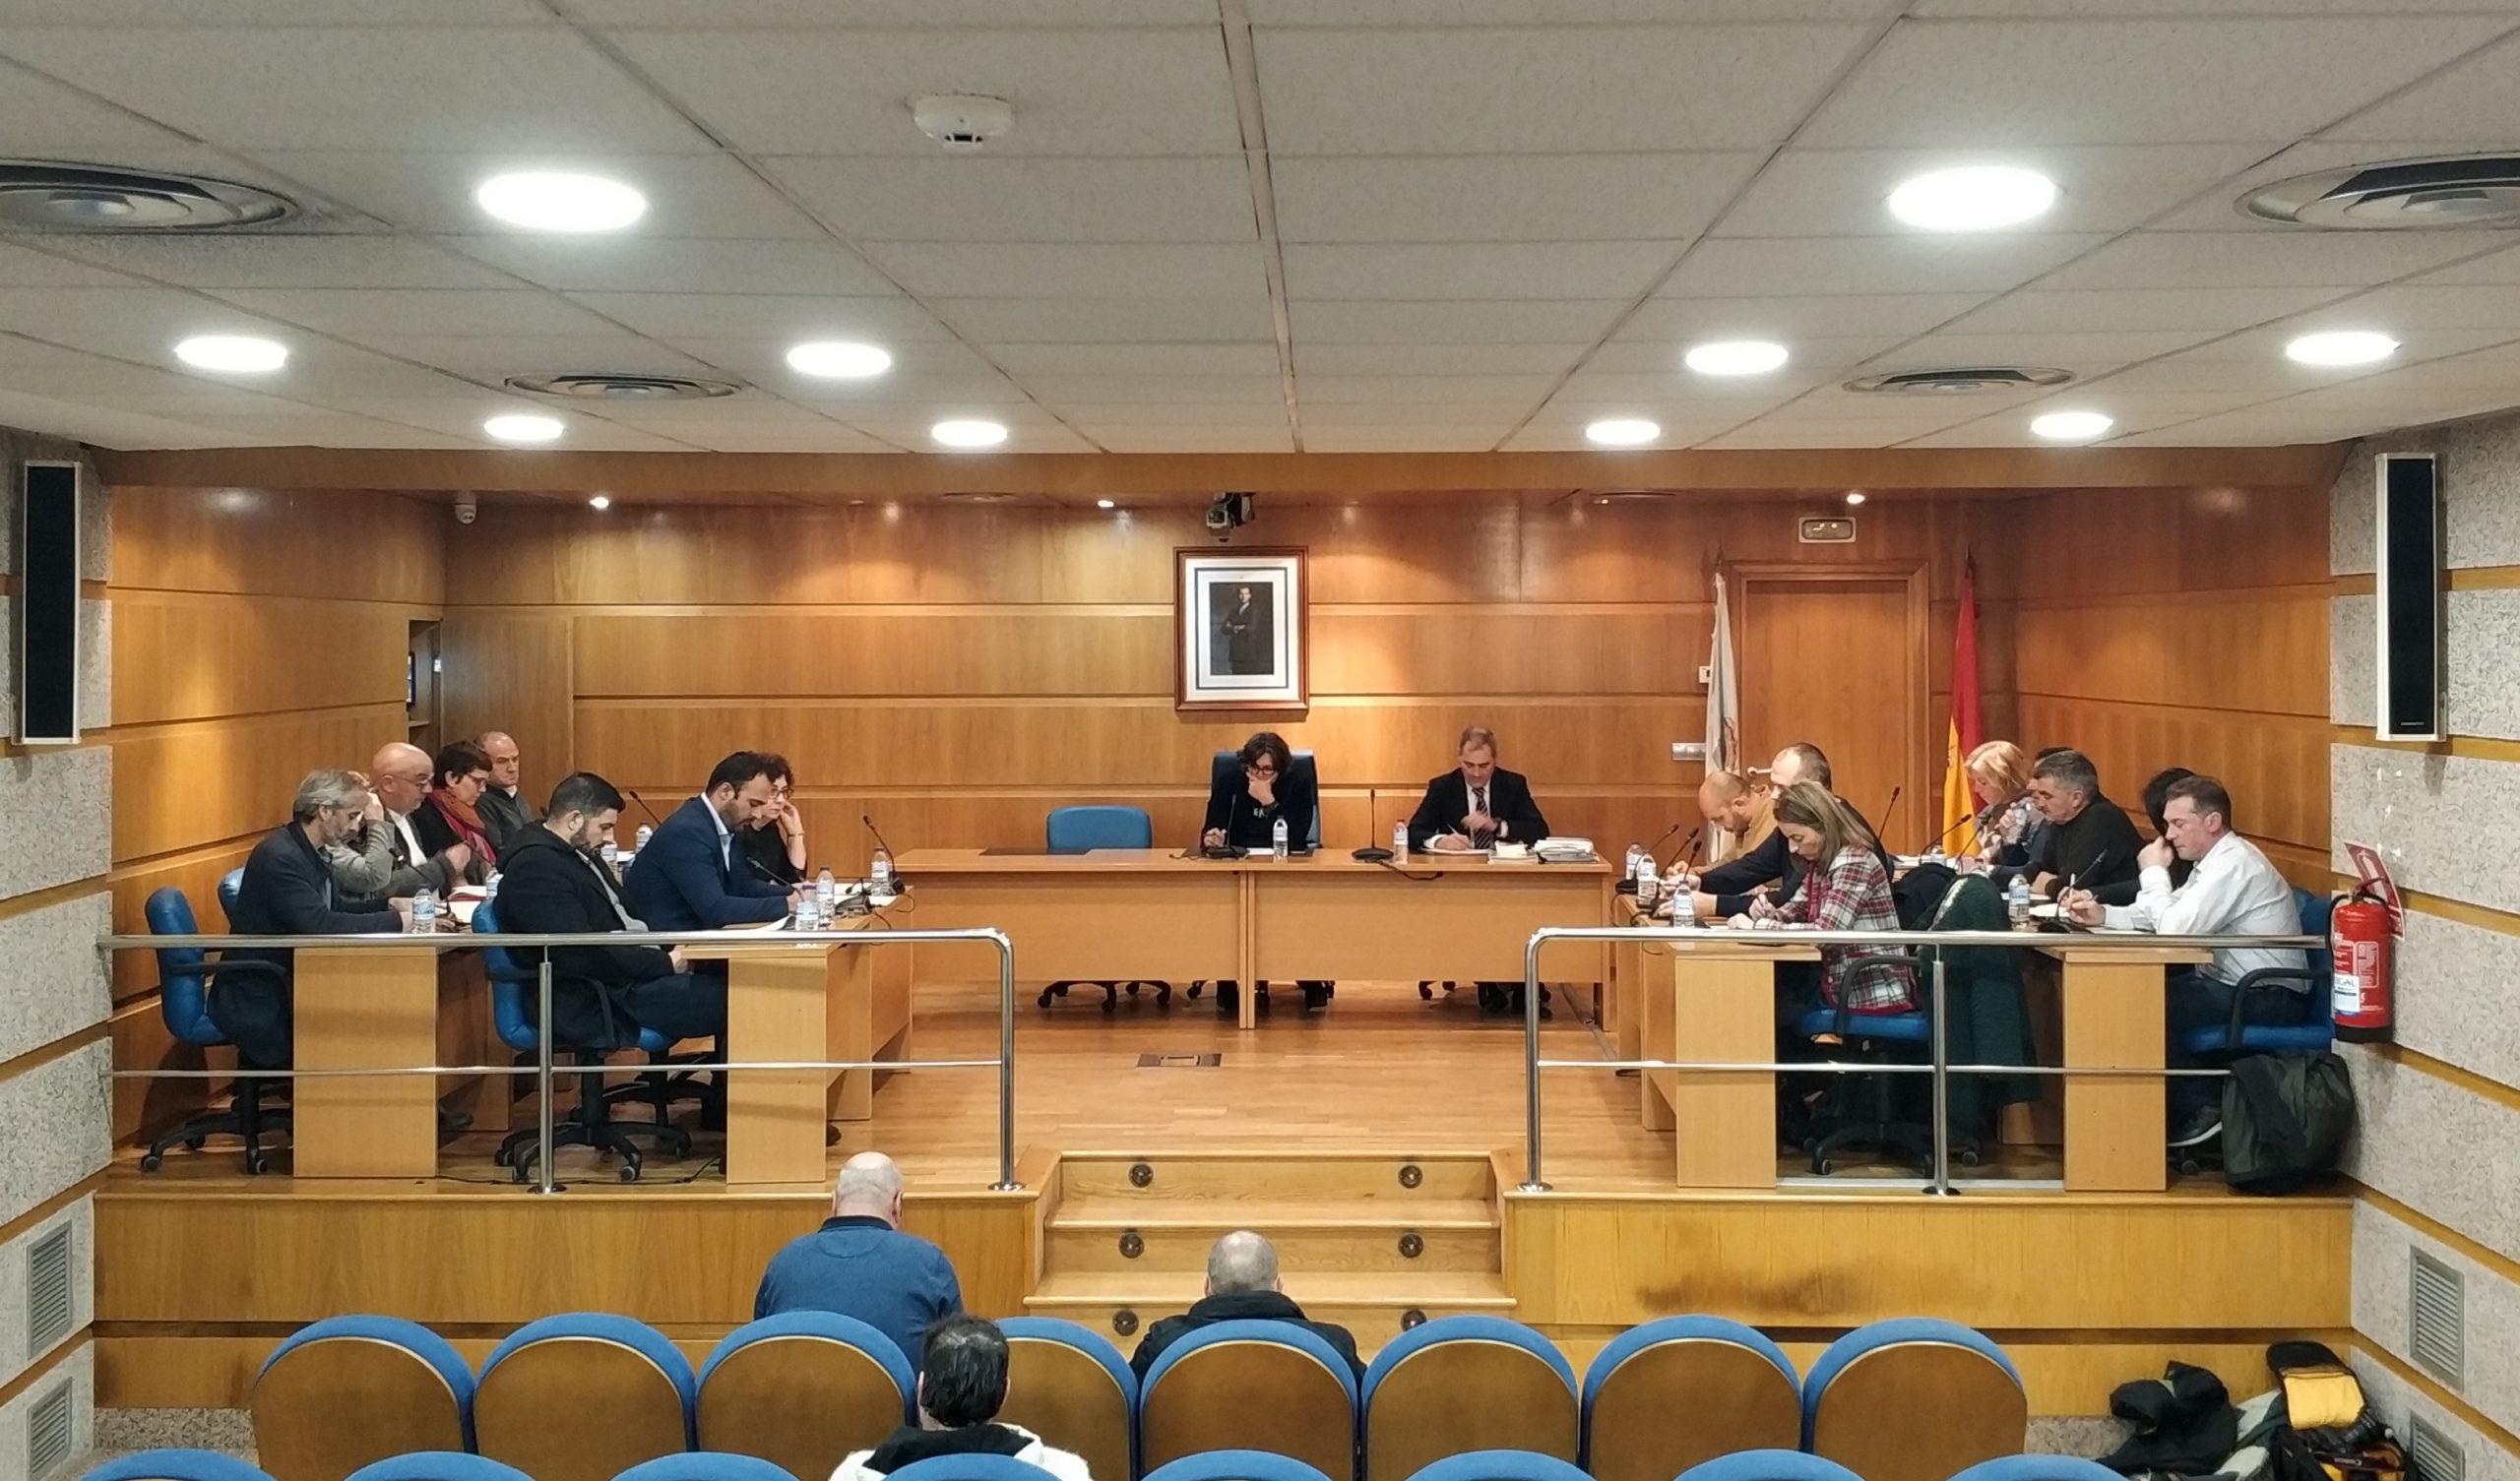 Acordo unánime para desafectar as antigas casas dos mestres de Torneiros para a súa conversión en vivendas sociais